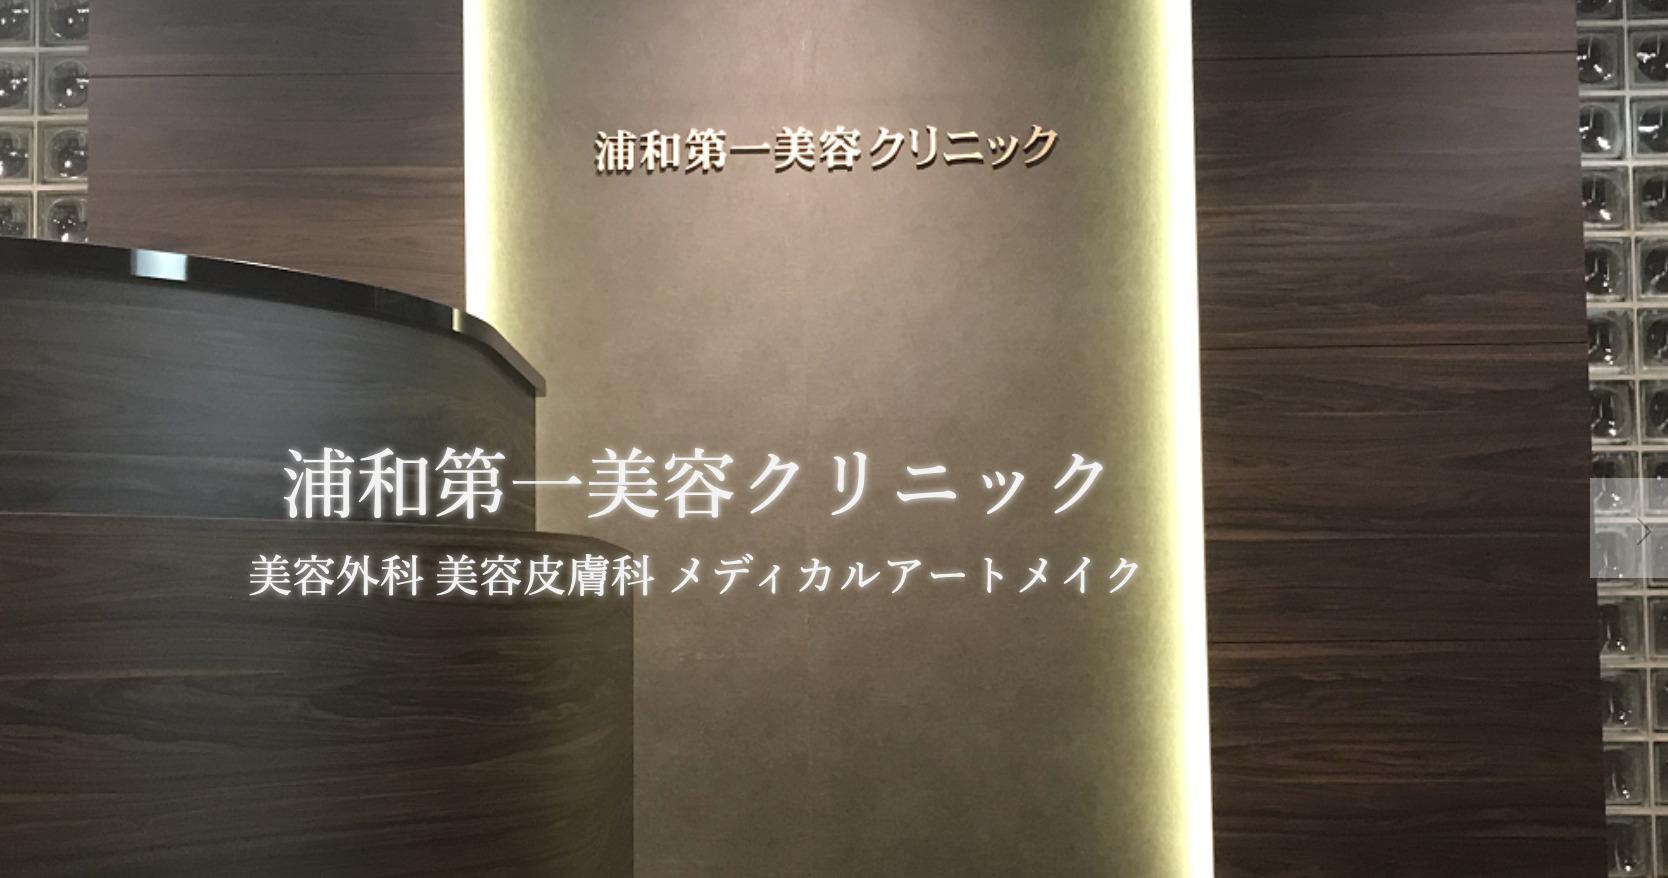 浦和第一美容クリニックの施設画像